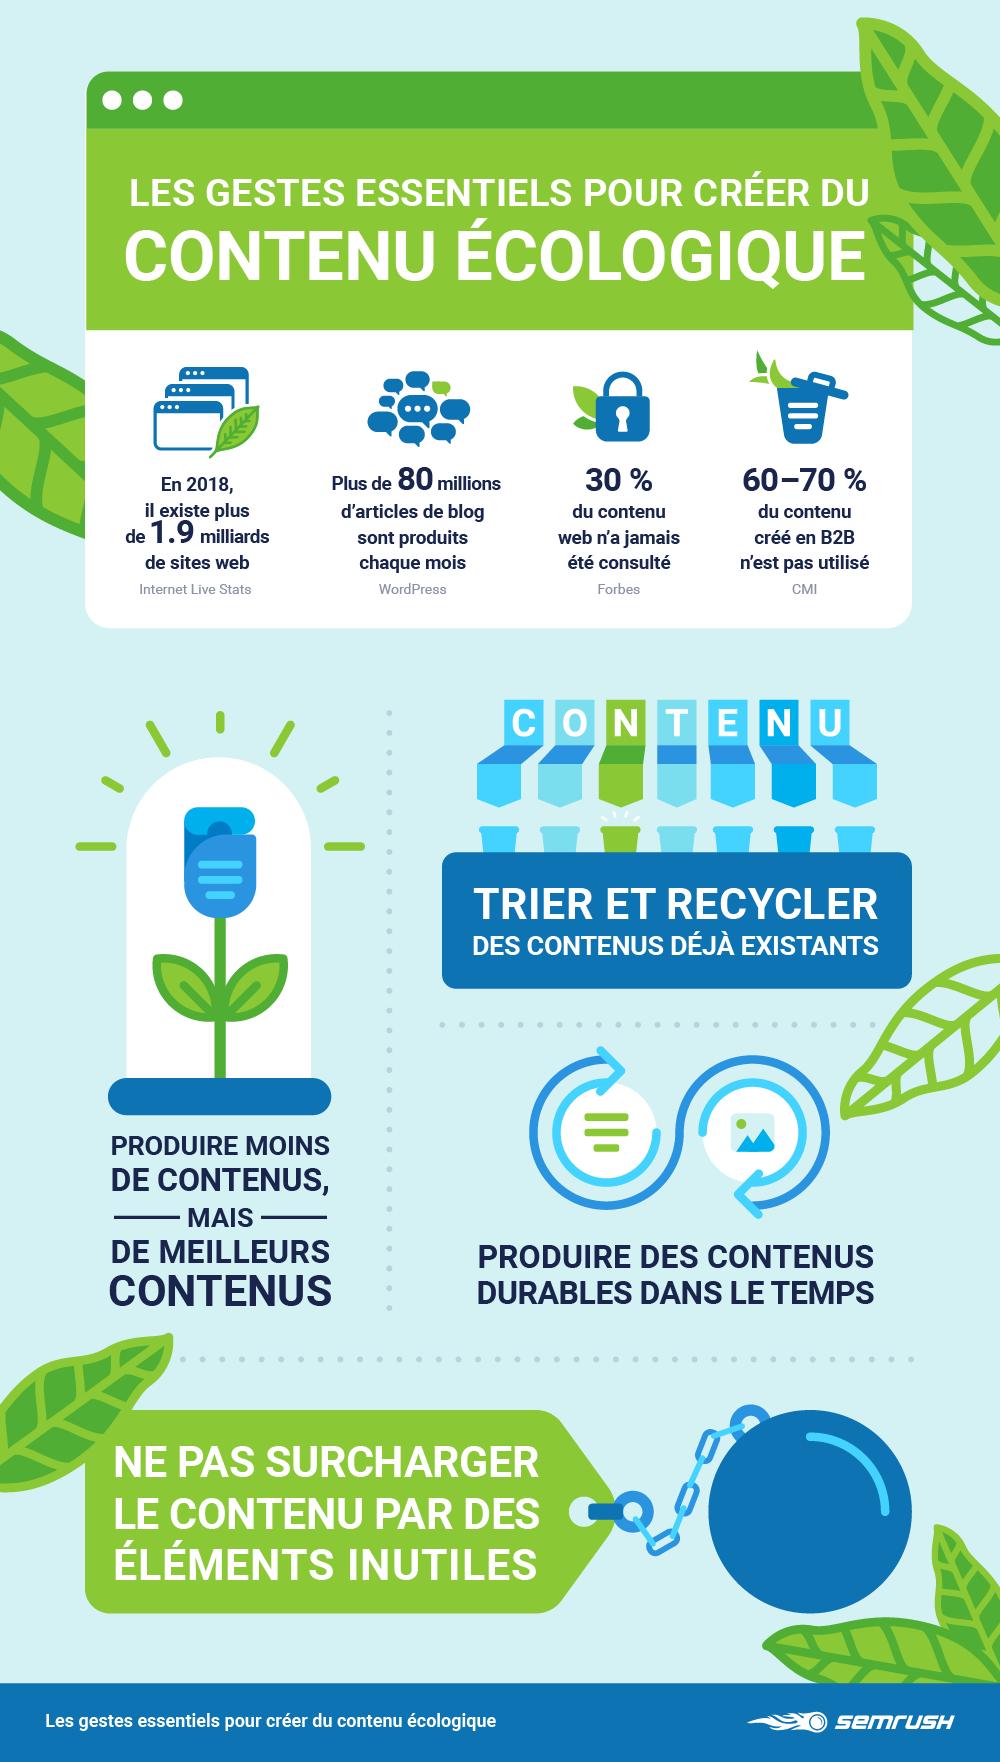 Stratégie de contenu écologique pour communication RSE